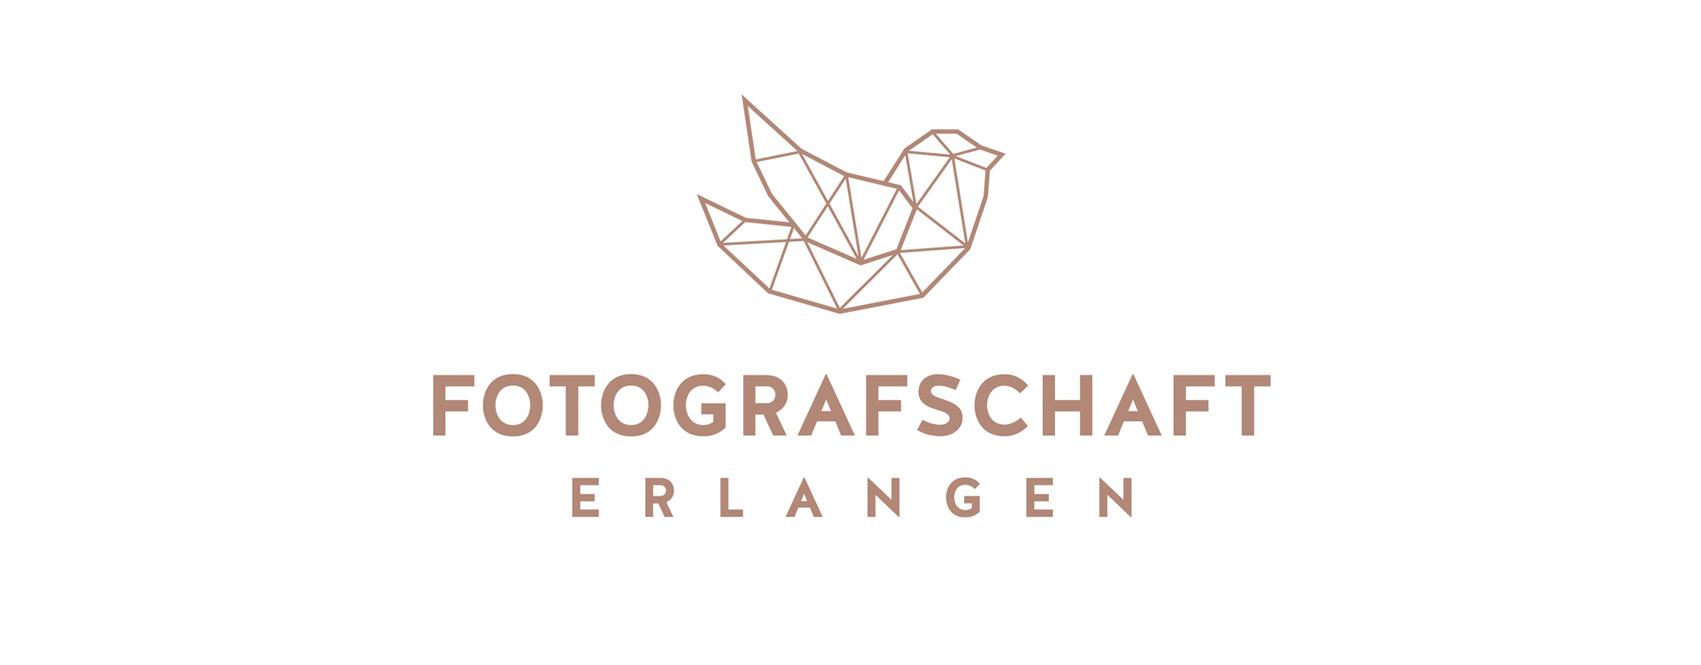 fotografschaft_logo_p